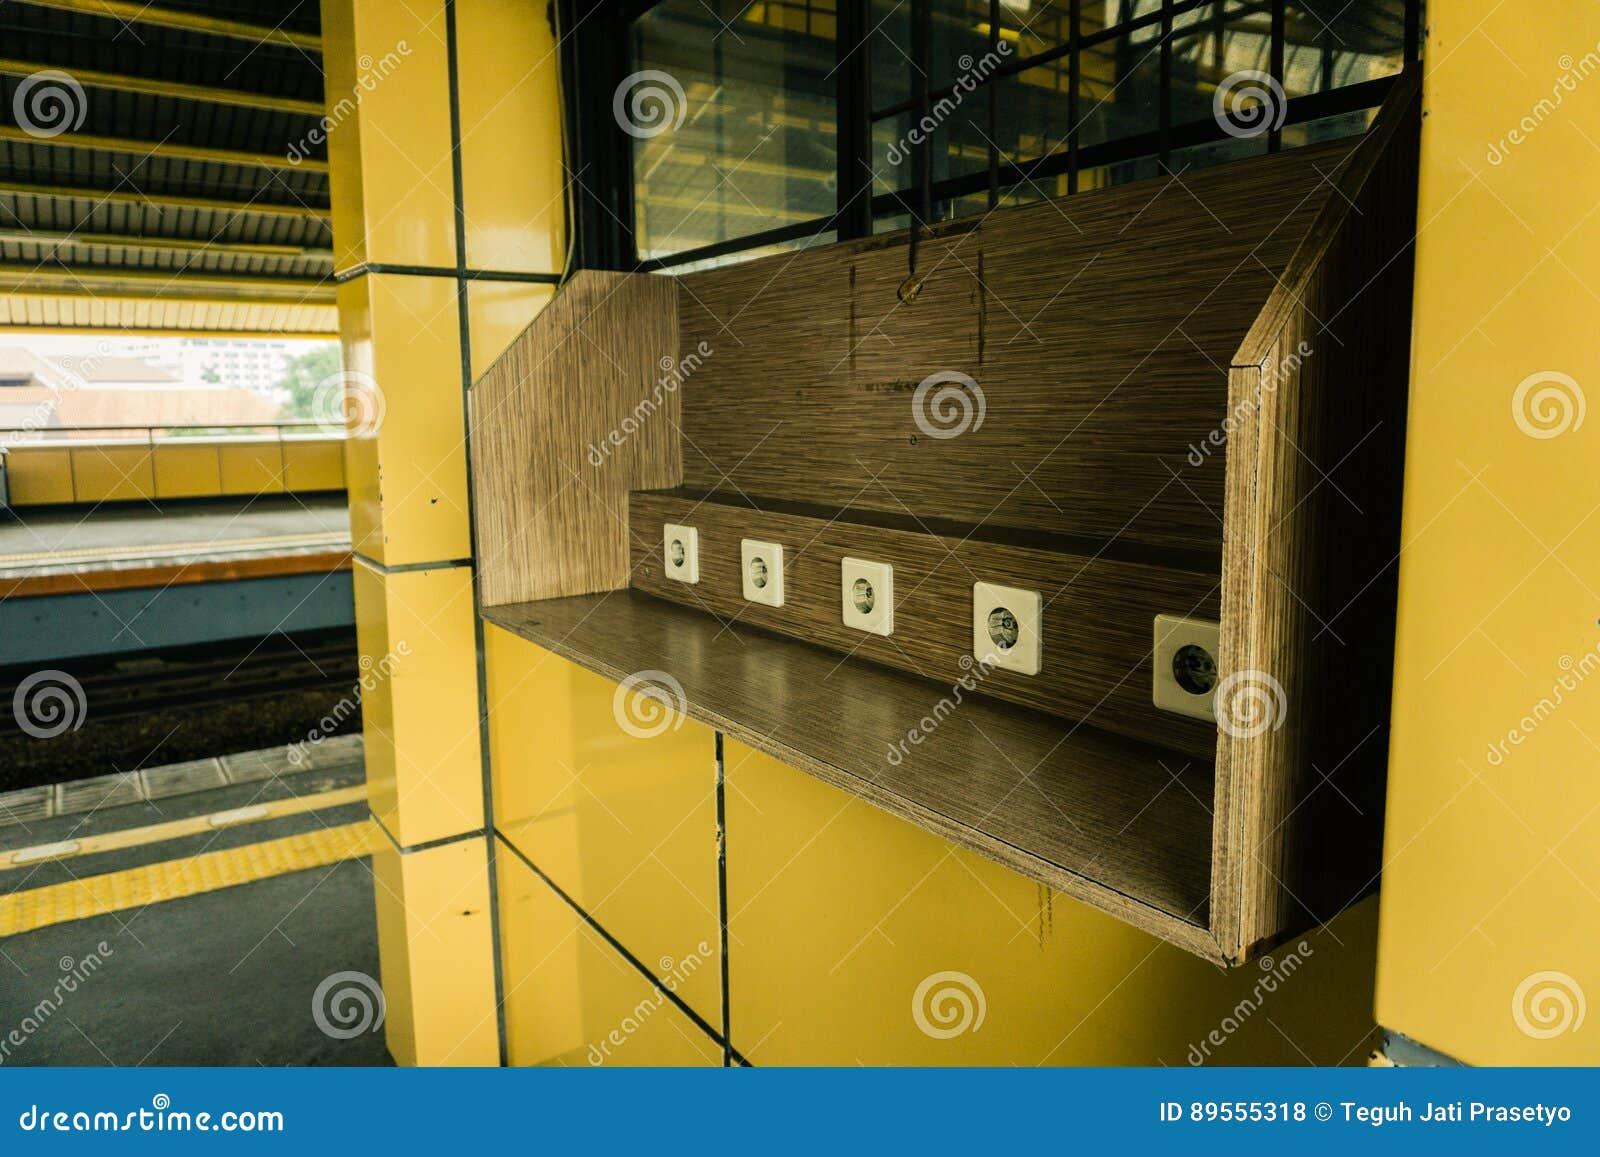 在木墙壁上的电源插座在雅加达拍的火车站公开区域照片的充电的设施印度尼西亚